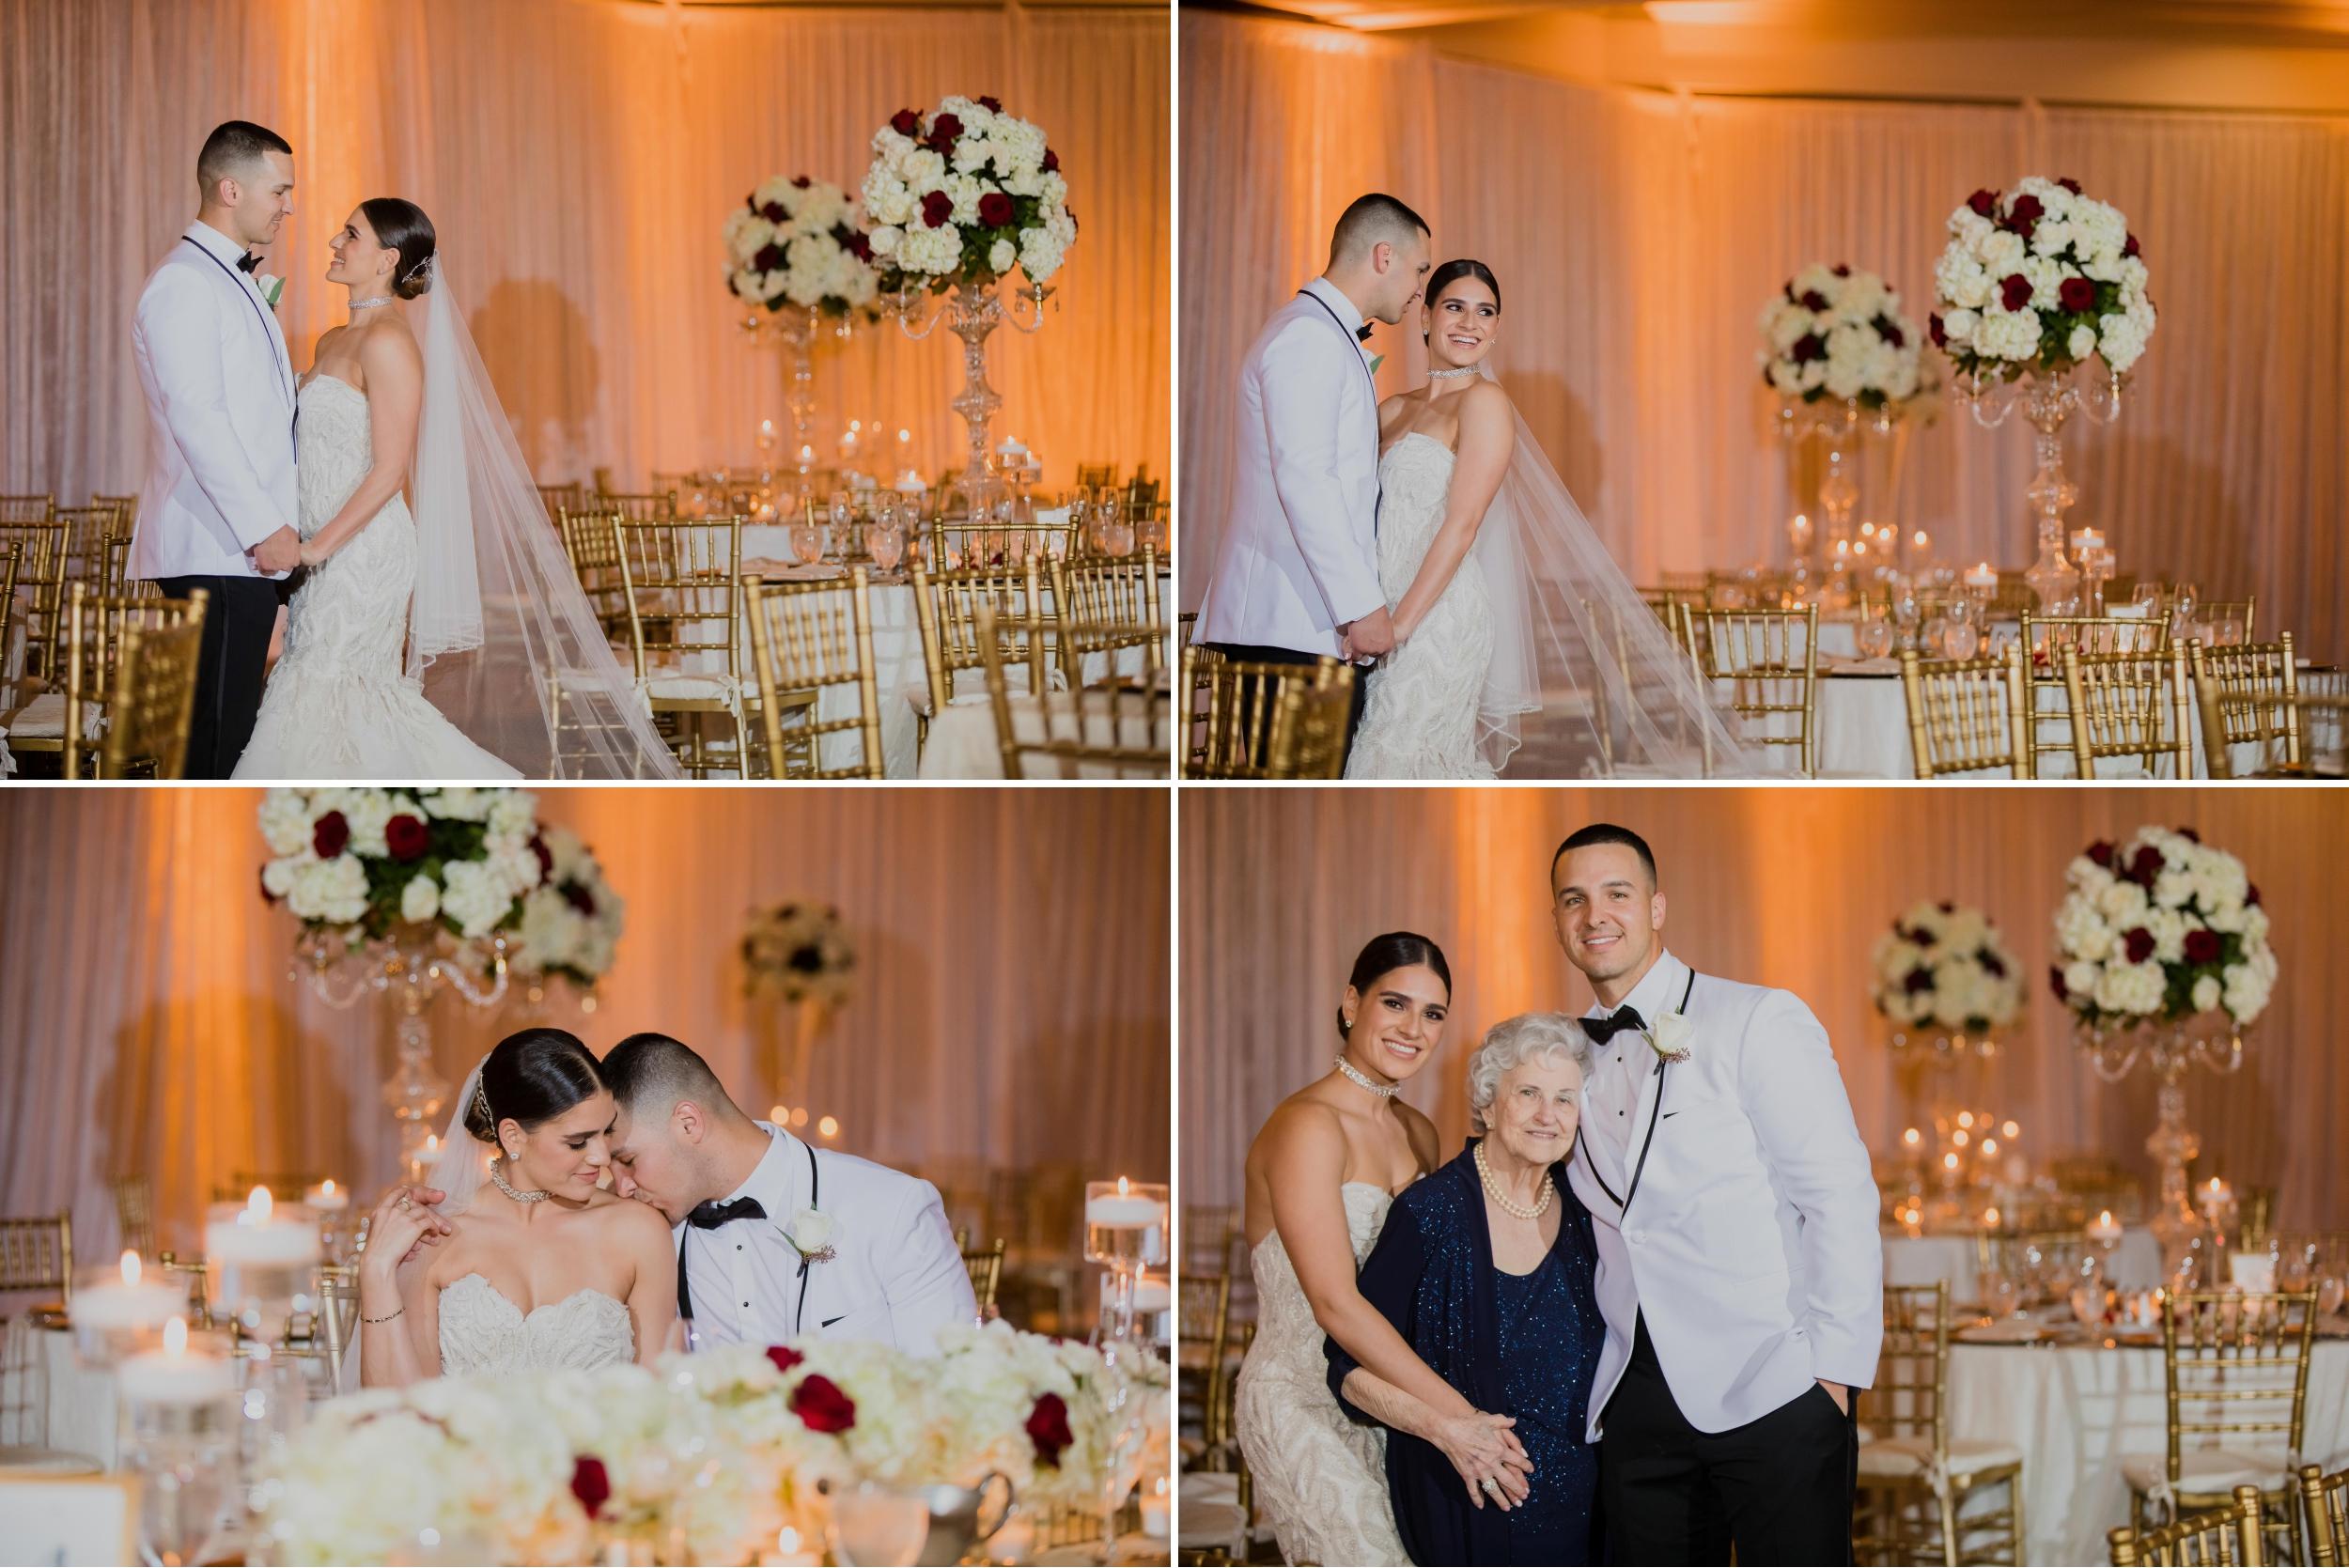 Wedding Biscayne Bay Marriott - Cassie and Jose 12.jpg